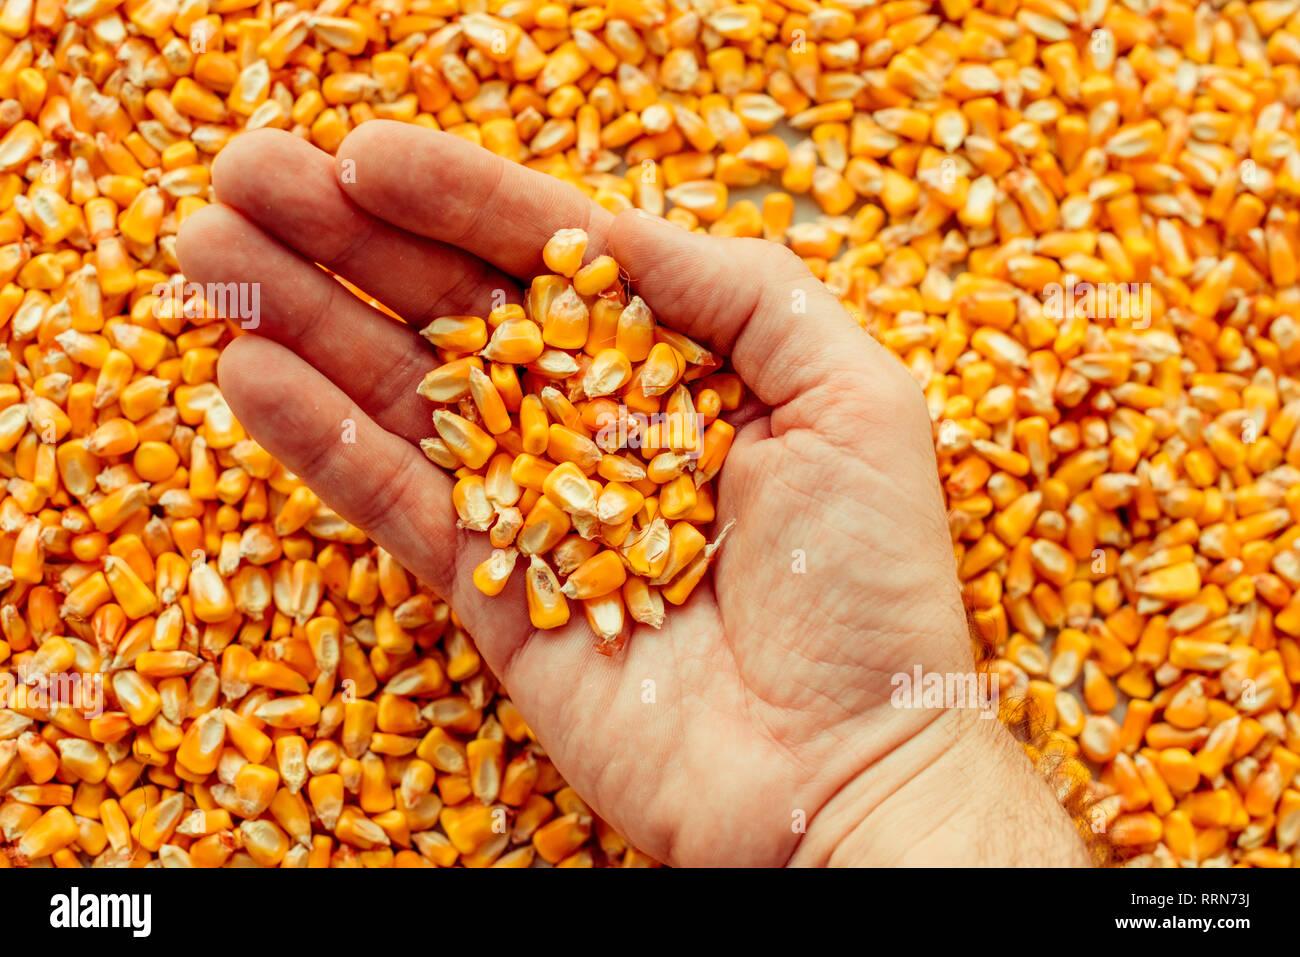 Landwirt Handvoll geerntet, Maiskörner, Konzept des Überflusses und des großen Ertrag nach der erfolgreichen Ernte Stockbild